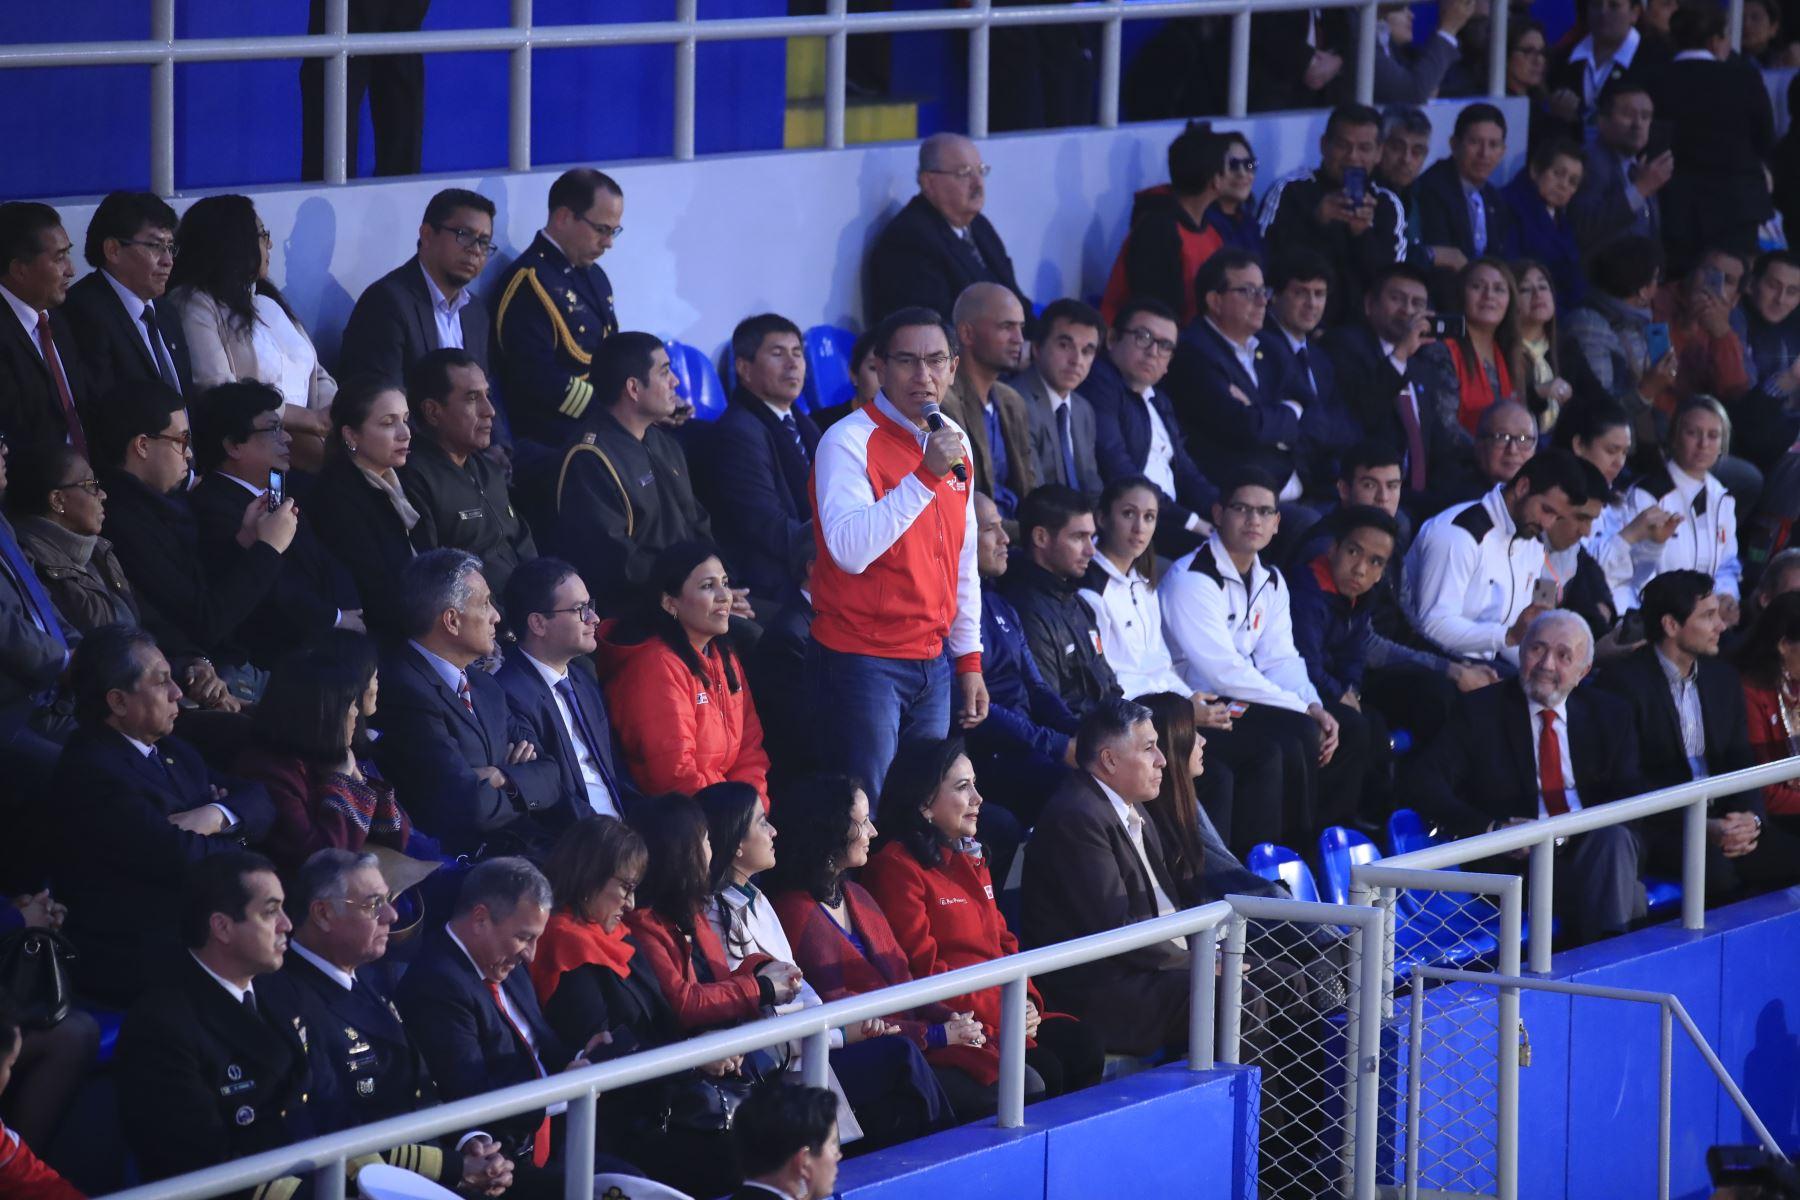 Presidente Vizcarra presentó etapa final de Juegos Deportivos Escolares Nacionales 2019  Foto: ANDINA/Juan Carlos Guzmán Negrini.